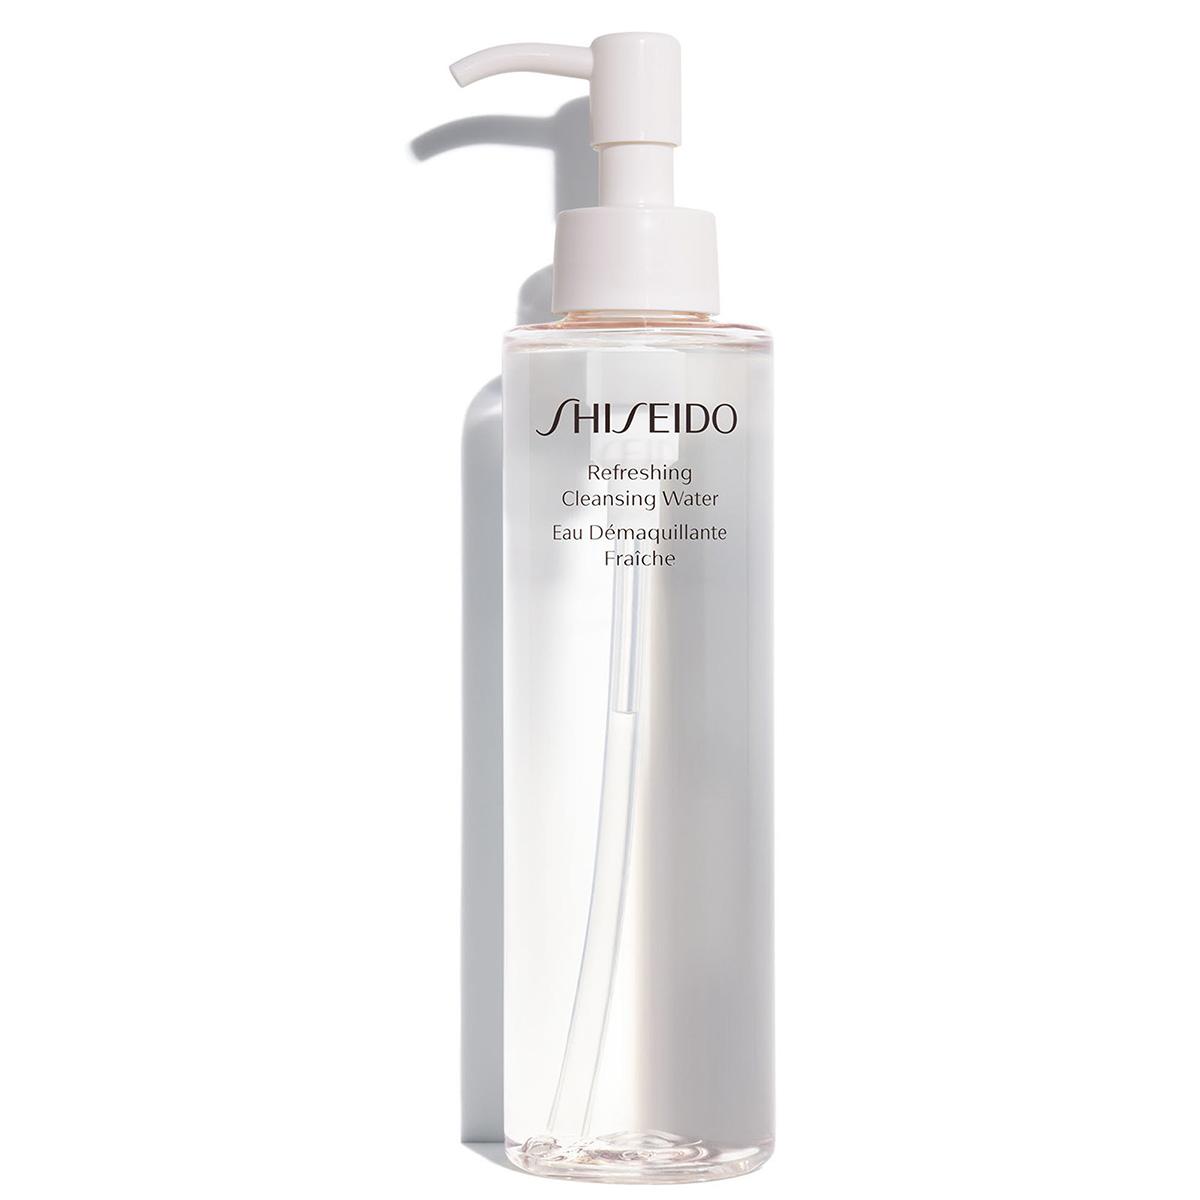 Shiseido - Eau Démaquillante Fraîche - 180 ml